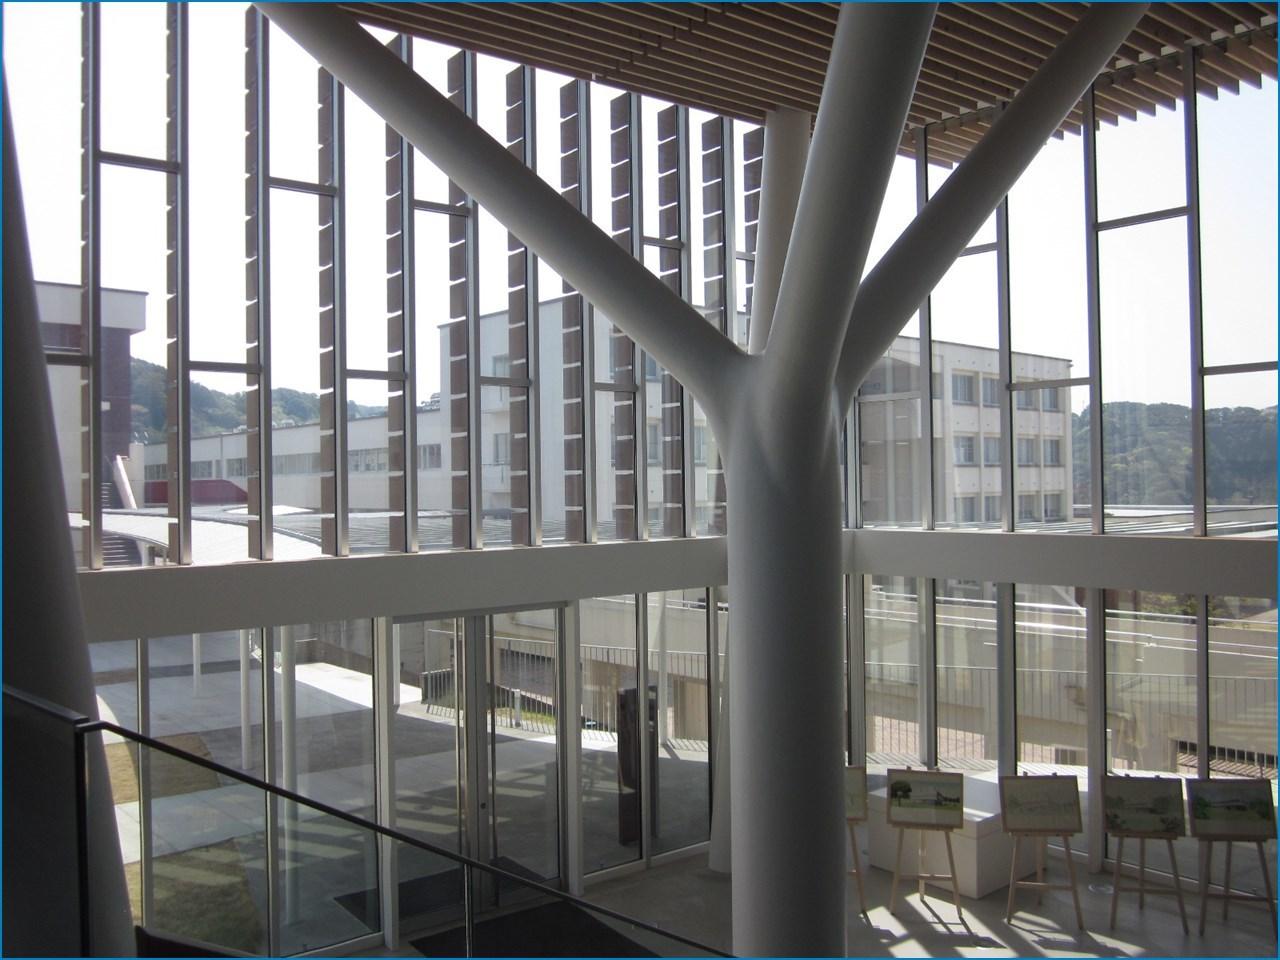 静岡理工科大学 理工学部 建築学科棟の見学 1_c0376508_15421272.jpg